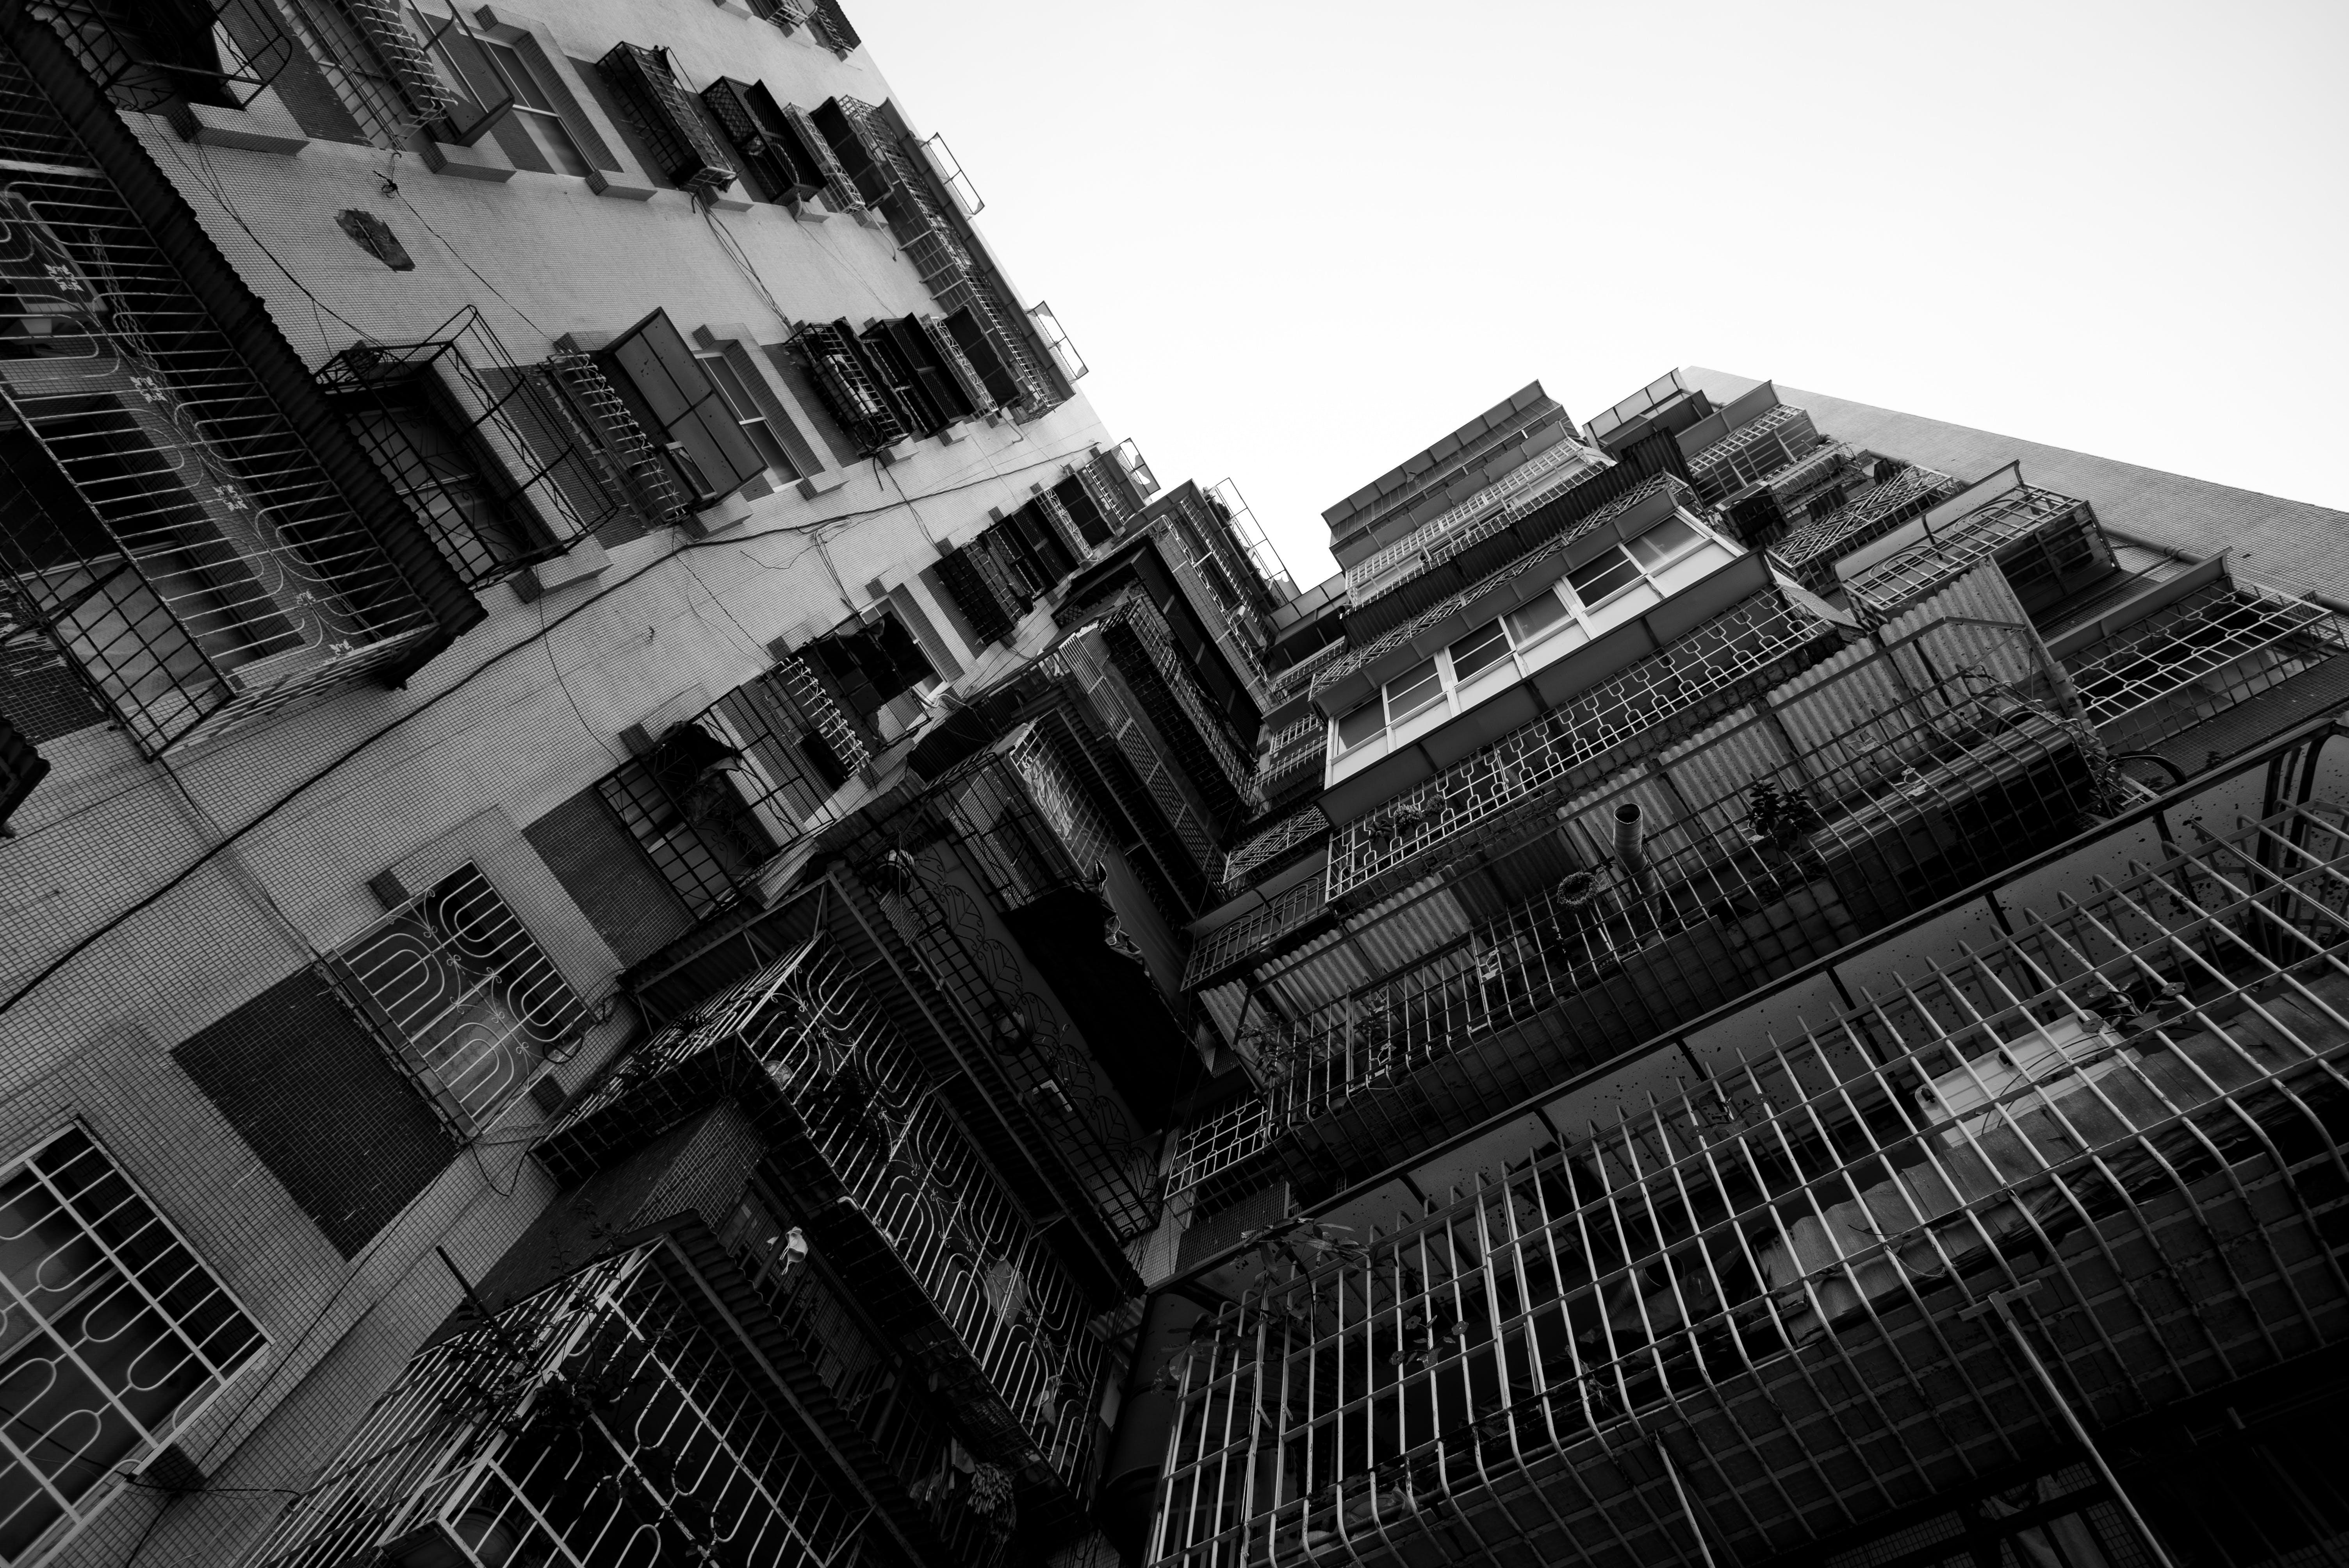 Foto d'estoc gratuïta de arquitectura, Àsia, blanc i negre, edifici